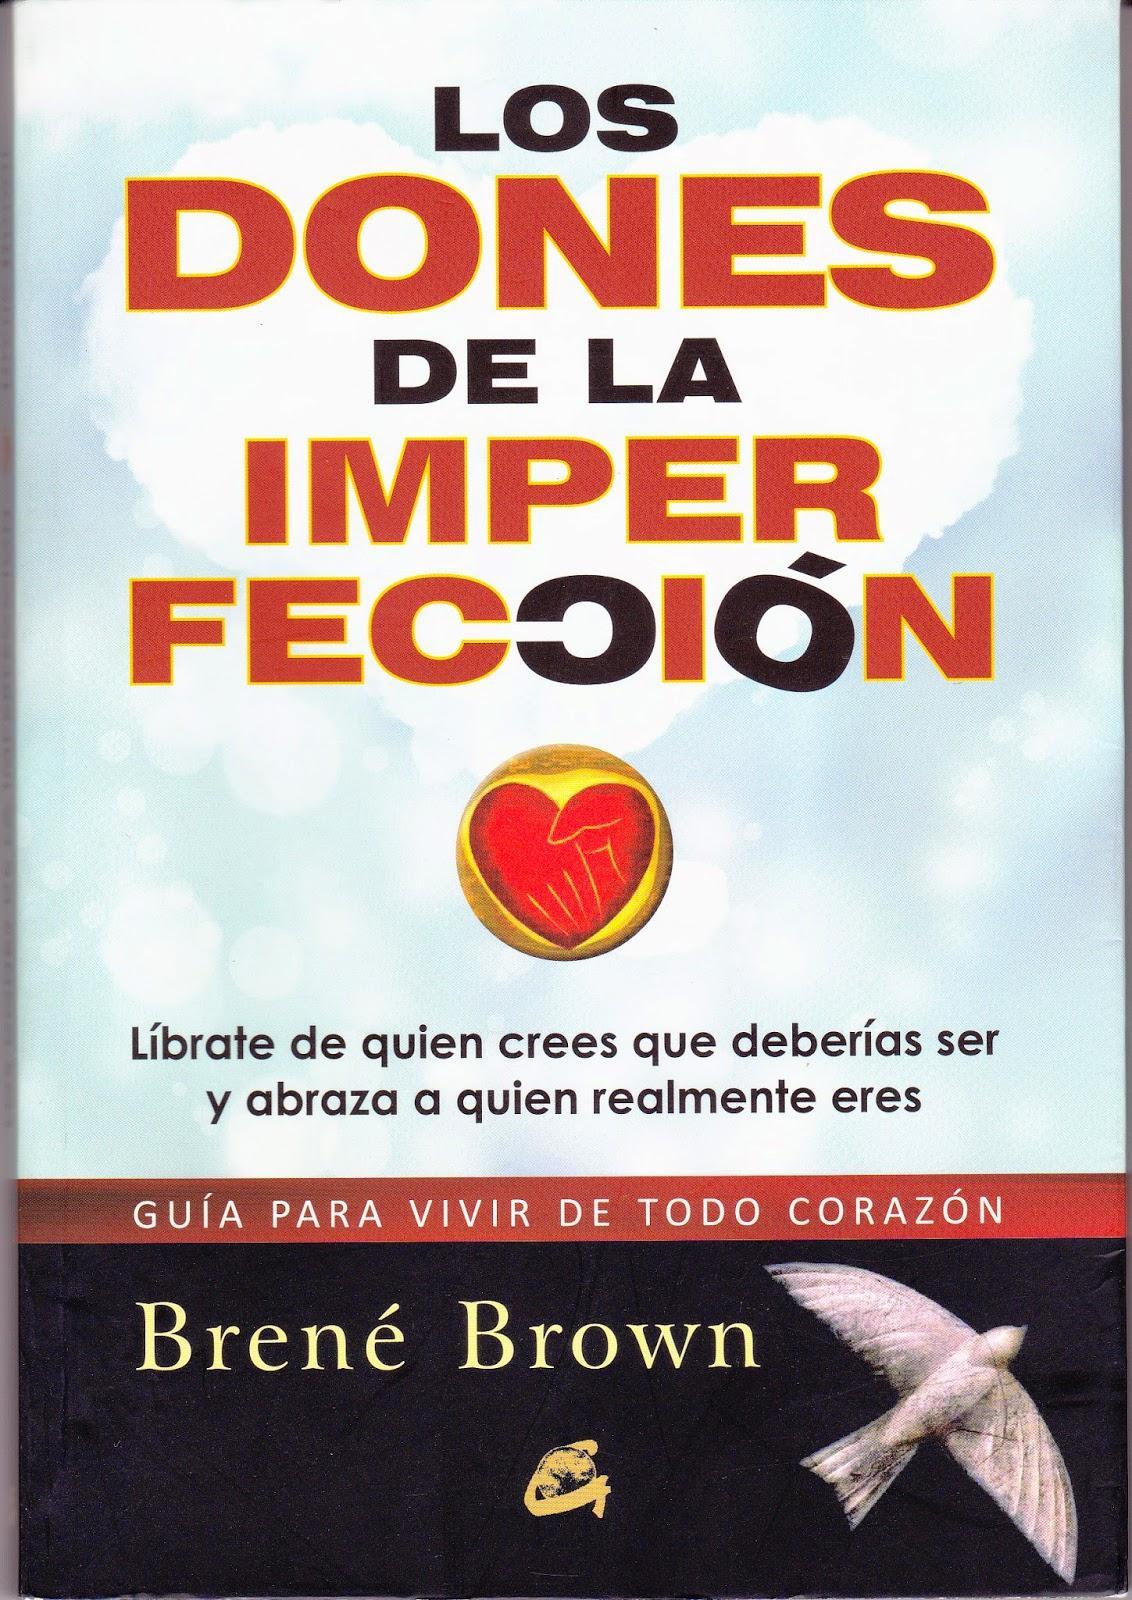 libro los dones de la imperfeccion